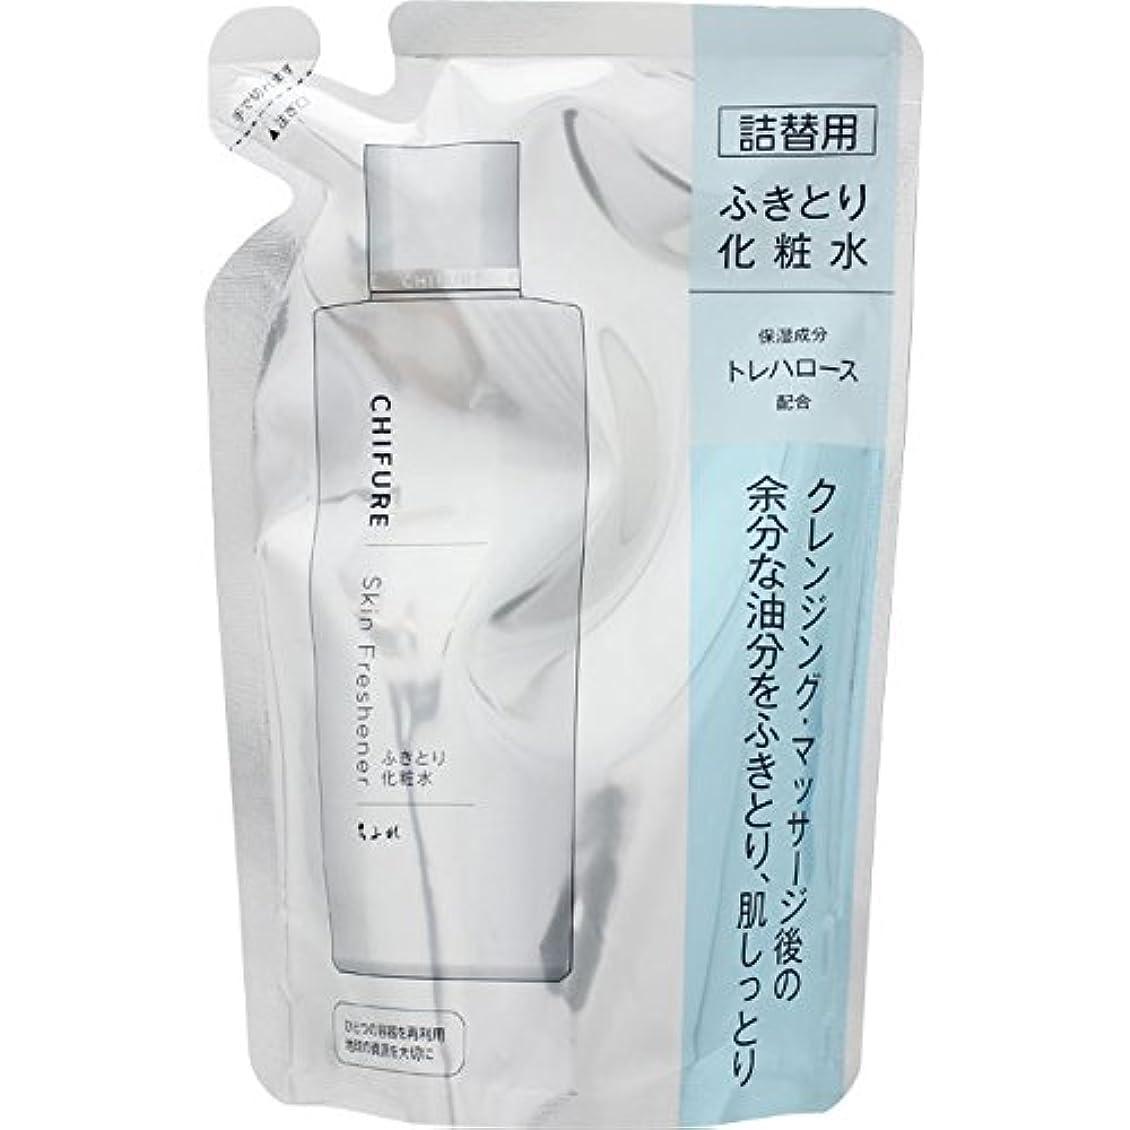 植物学者テーマ動かないちふれ化粧品 ふきとり化粧水 詰替用 150ML